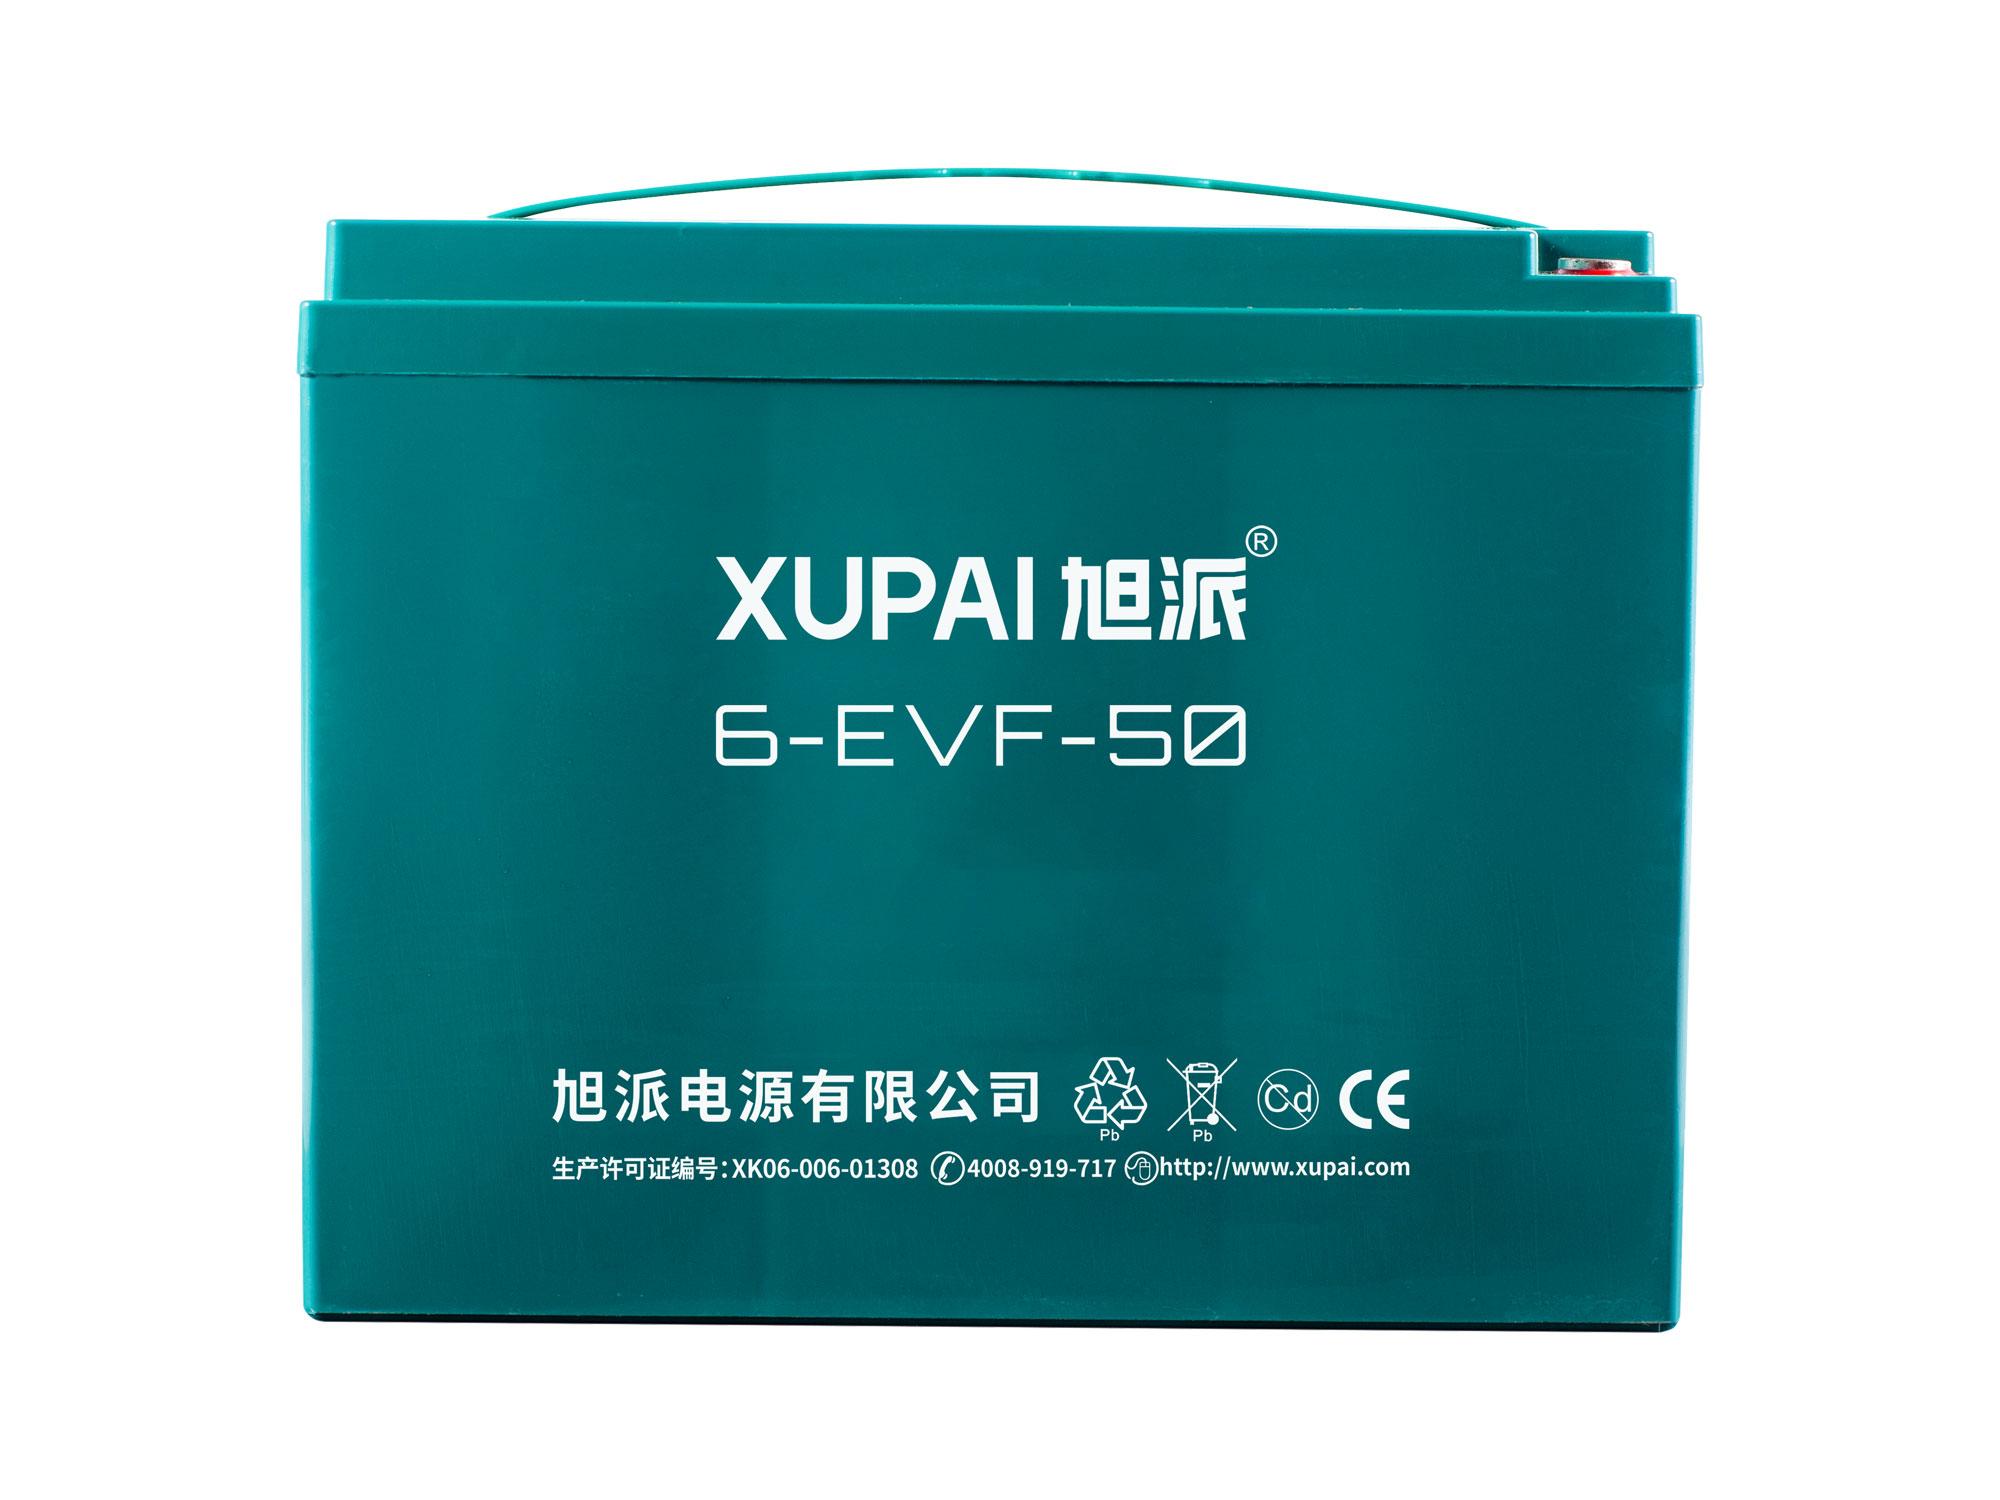 6-evf-50電動道路車電池